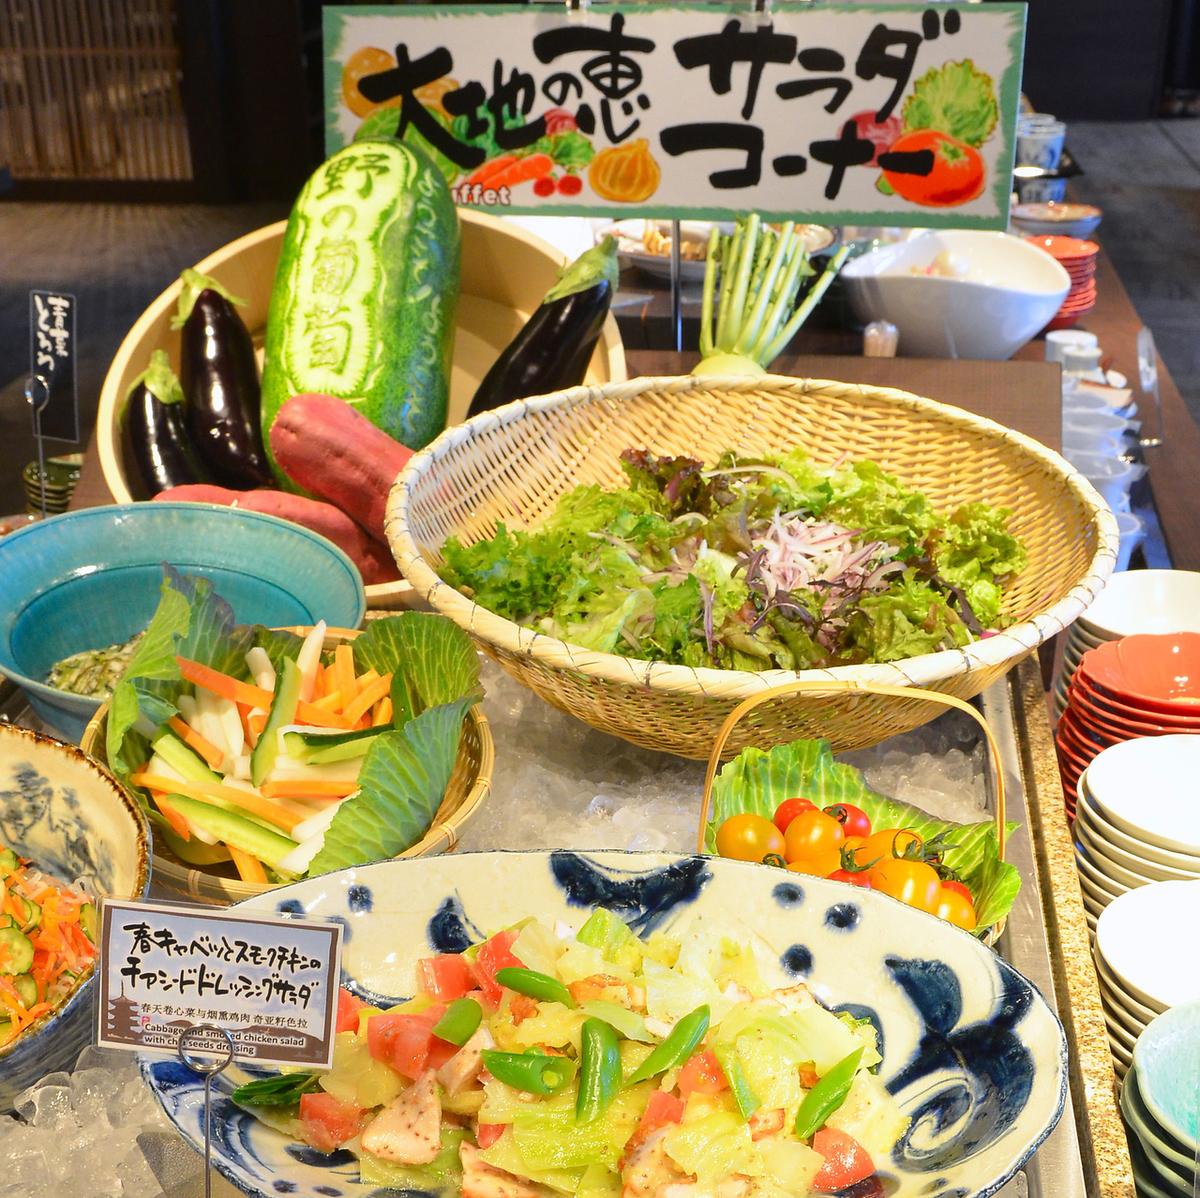 【ランチ】シェフおすすめプレート1800円 | ダイニングカフェ